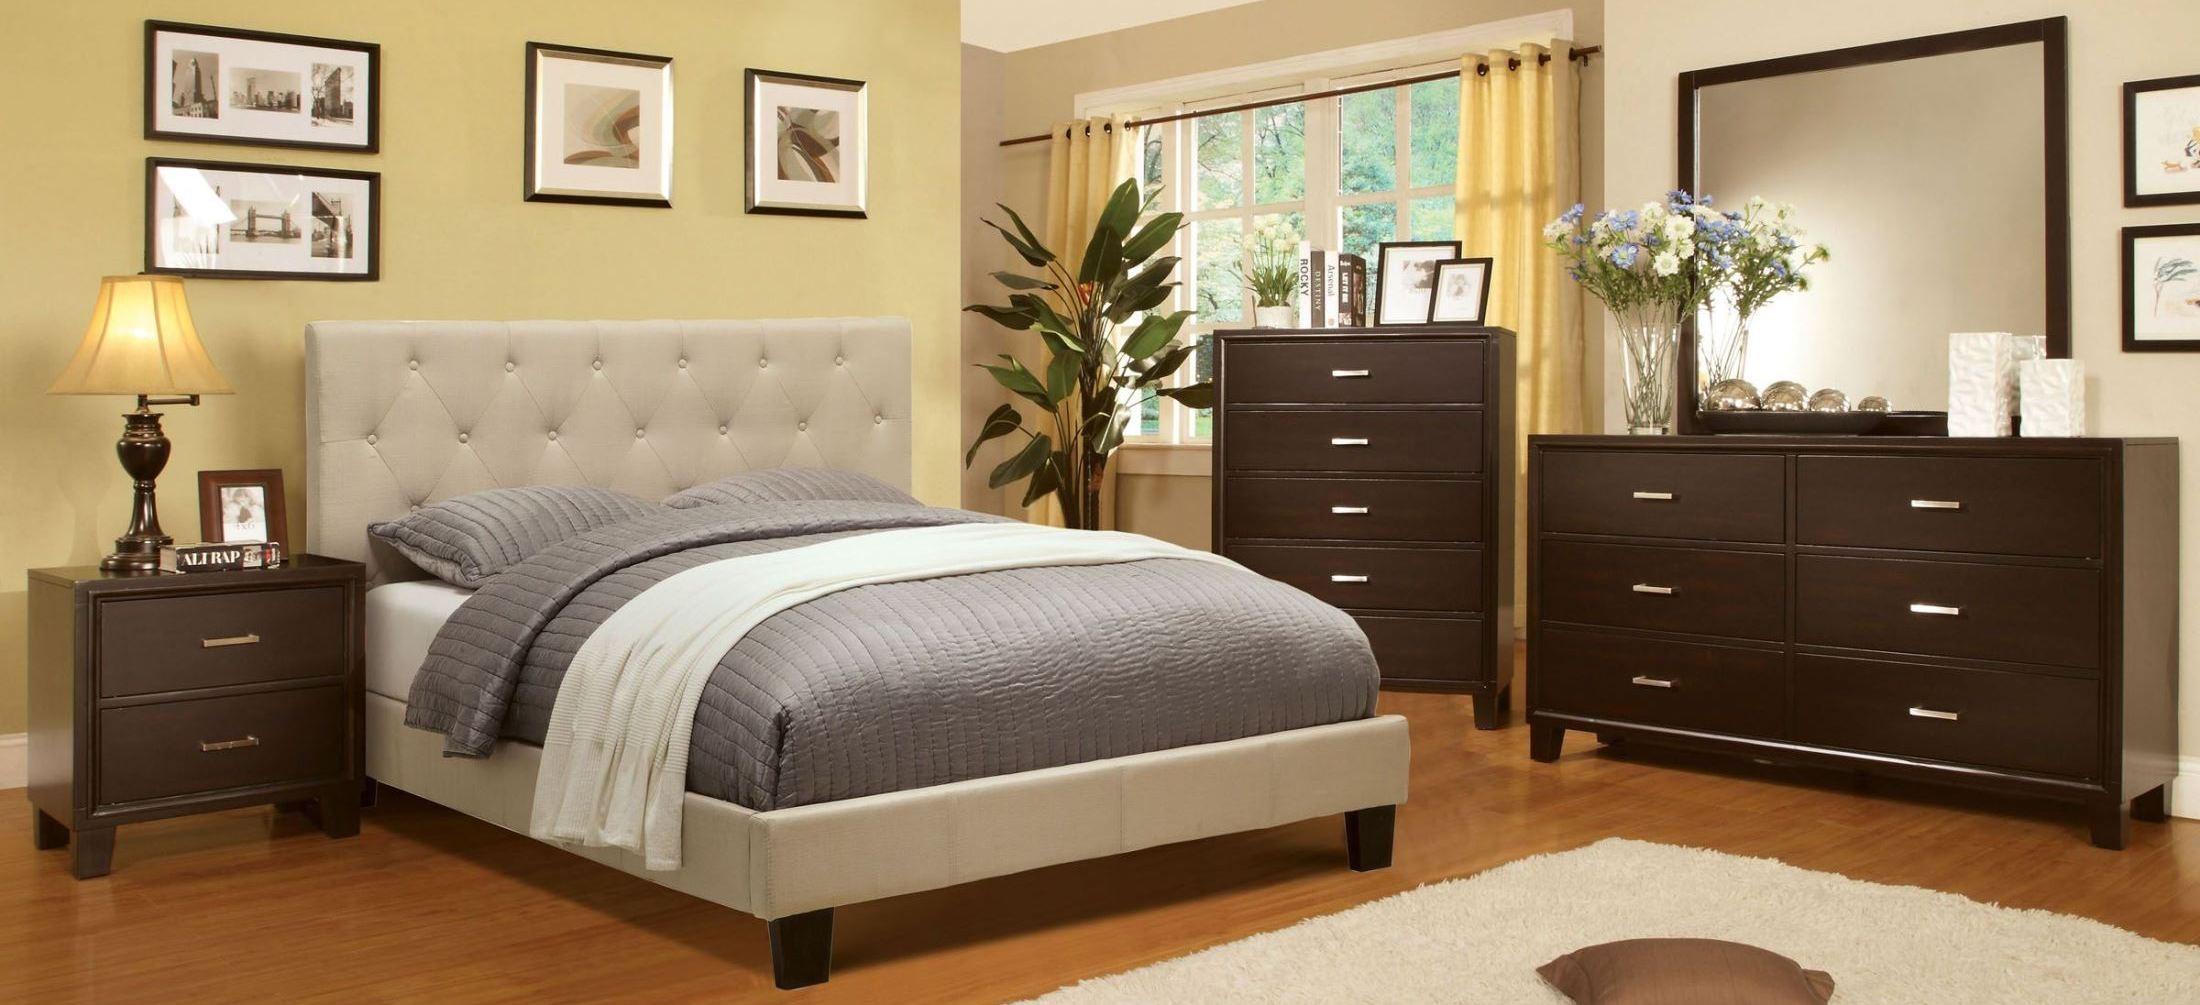 Leeroy ivory fabric platform bedroom set from furniture of for Platform bedroom sets